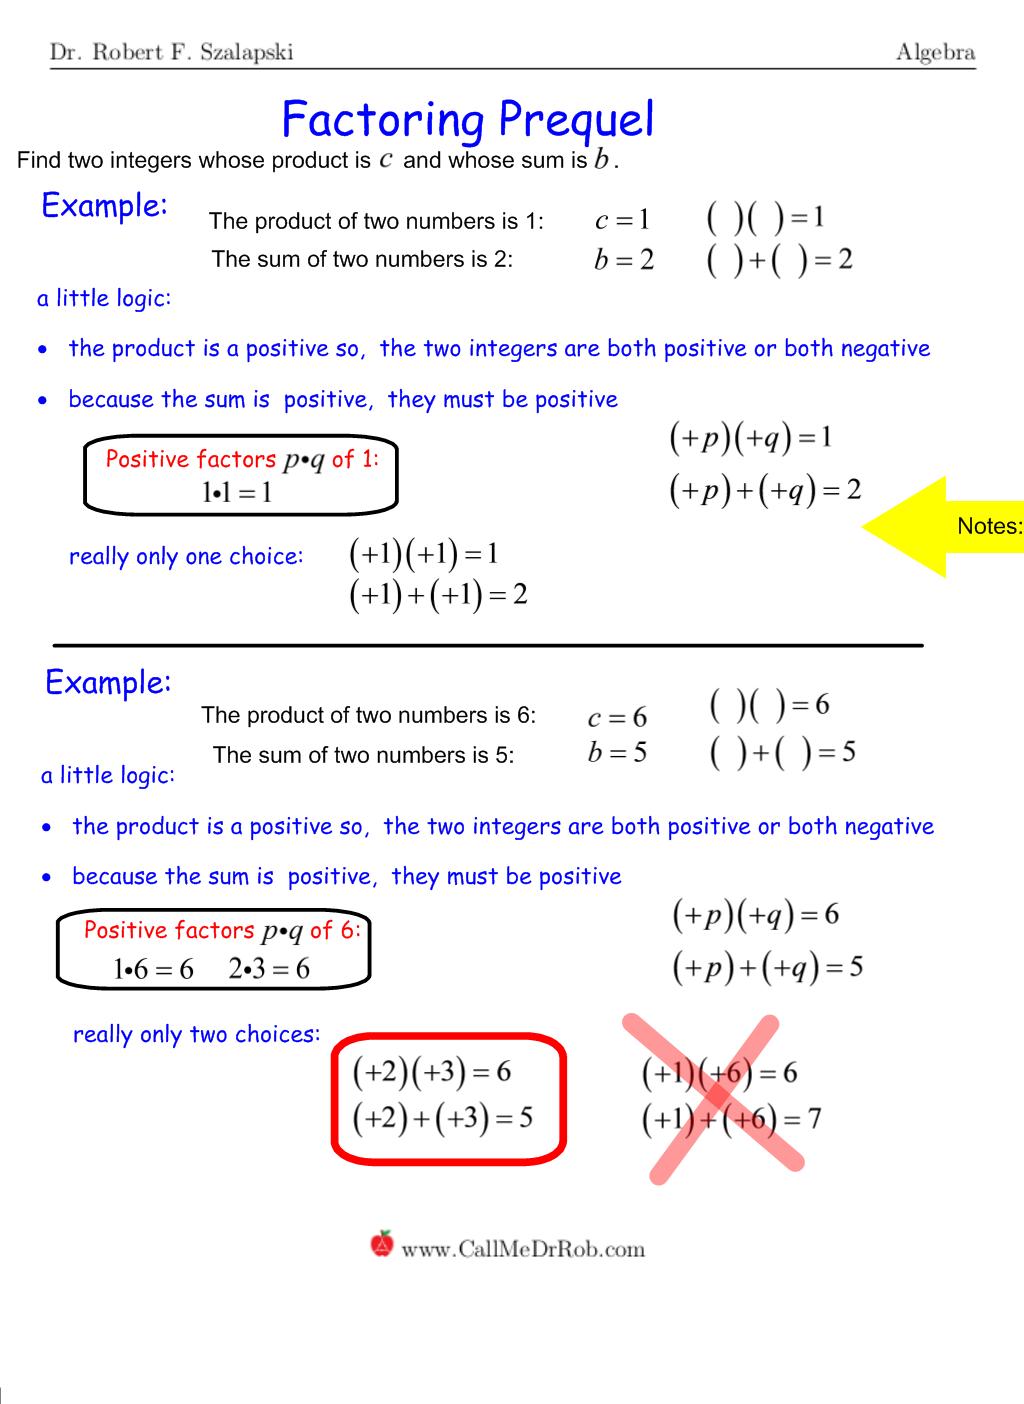 Prequel: Factoring Quadratic Trinomials With Unit Leading How To Factor  Quadratics With Leading Coefficient 1